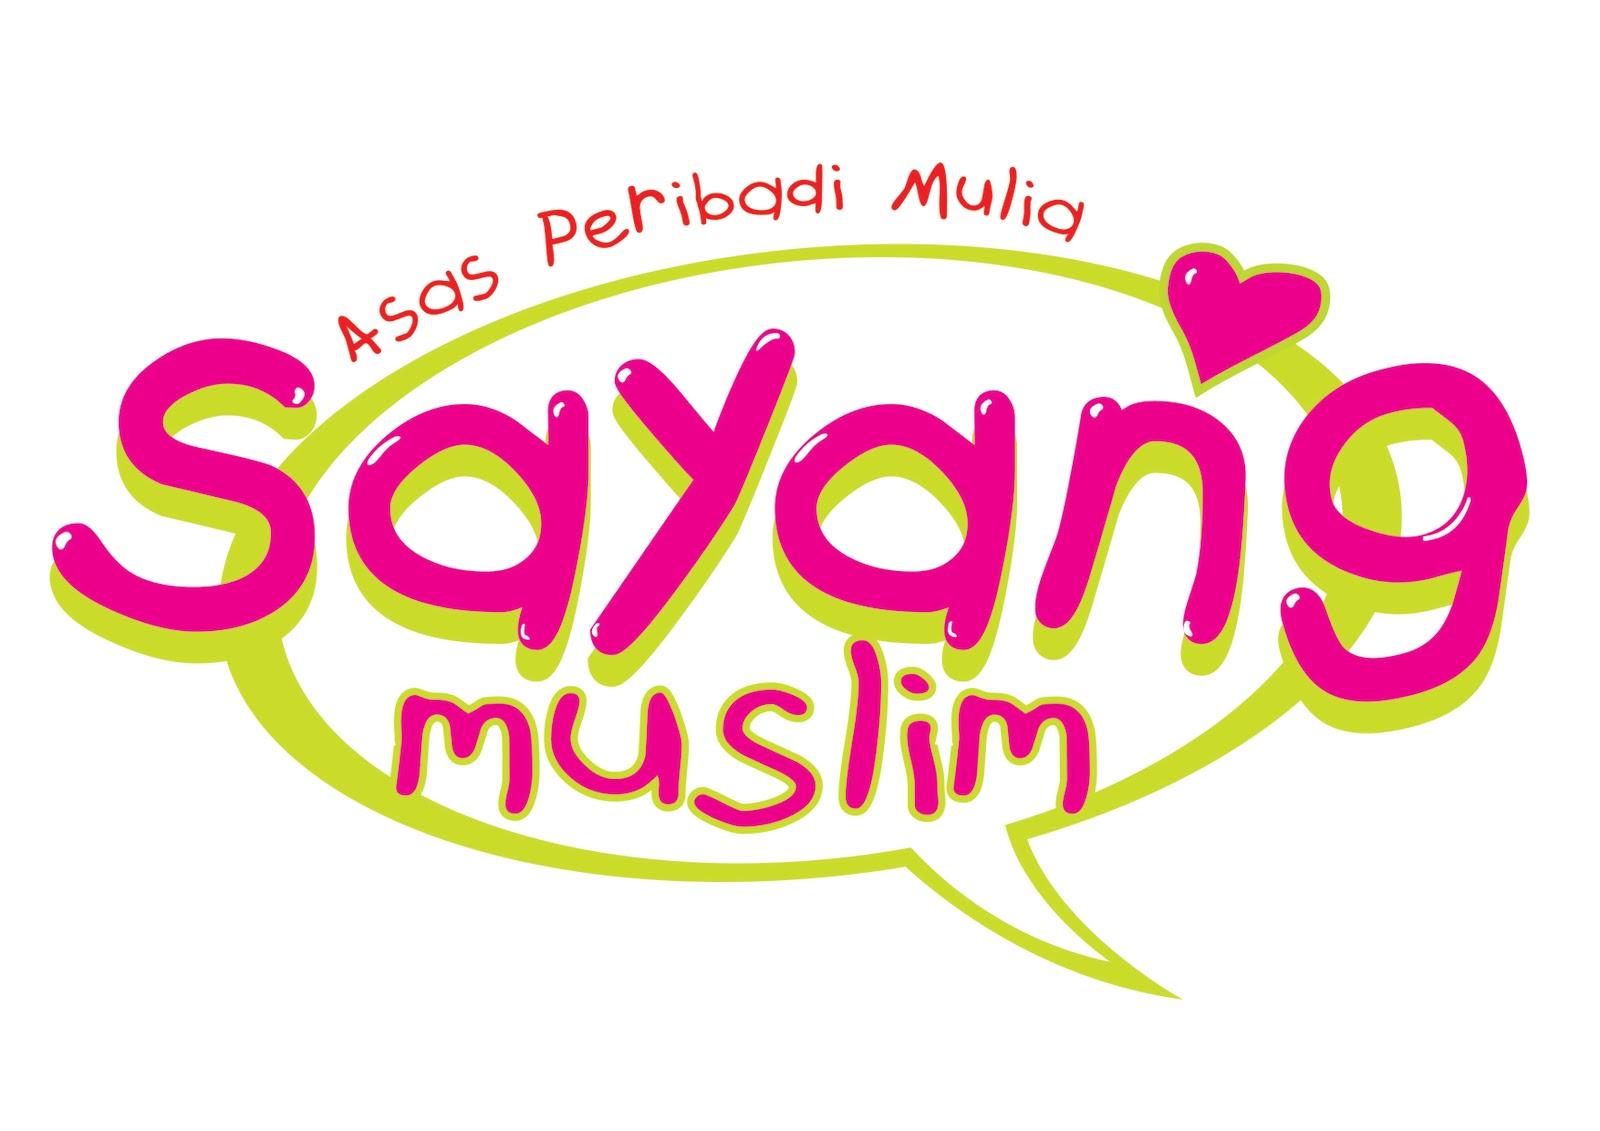 Ana Muslim , Sayang Muslim dan akan datang ialah Adik Muslim (yang